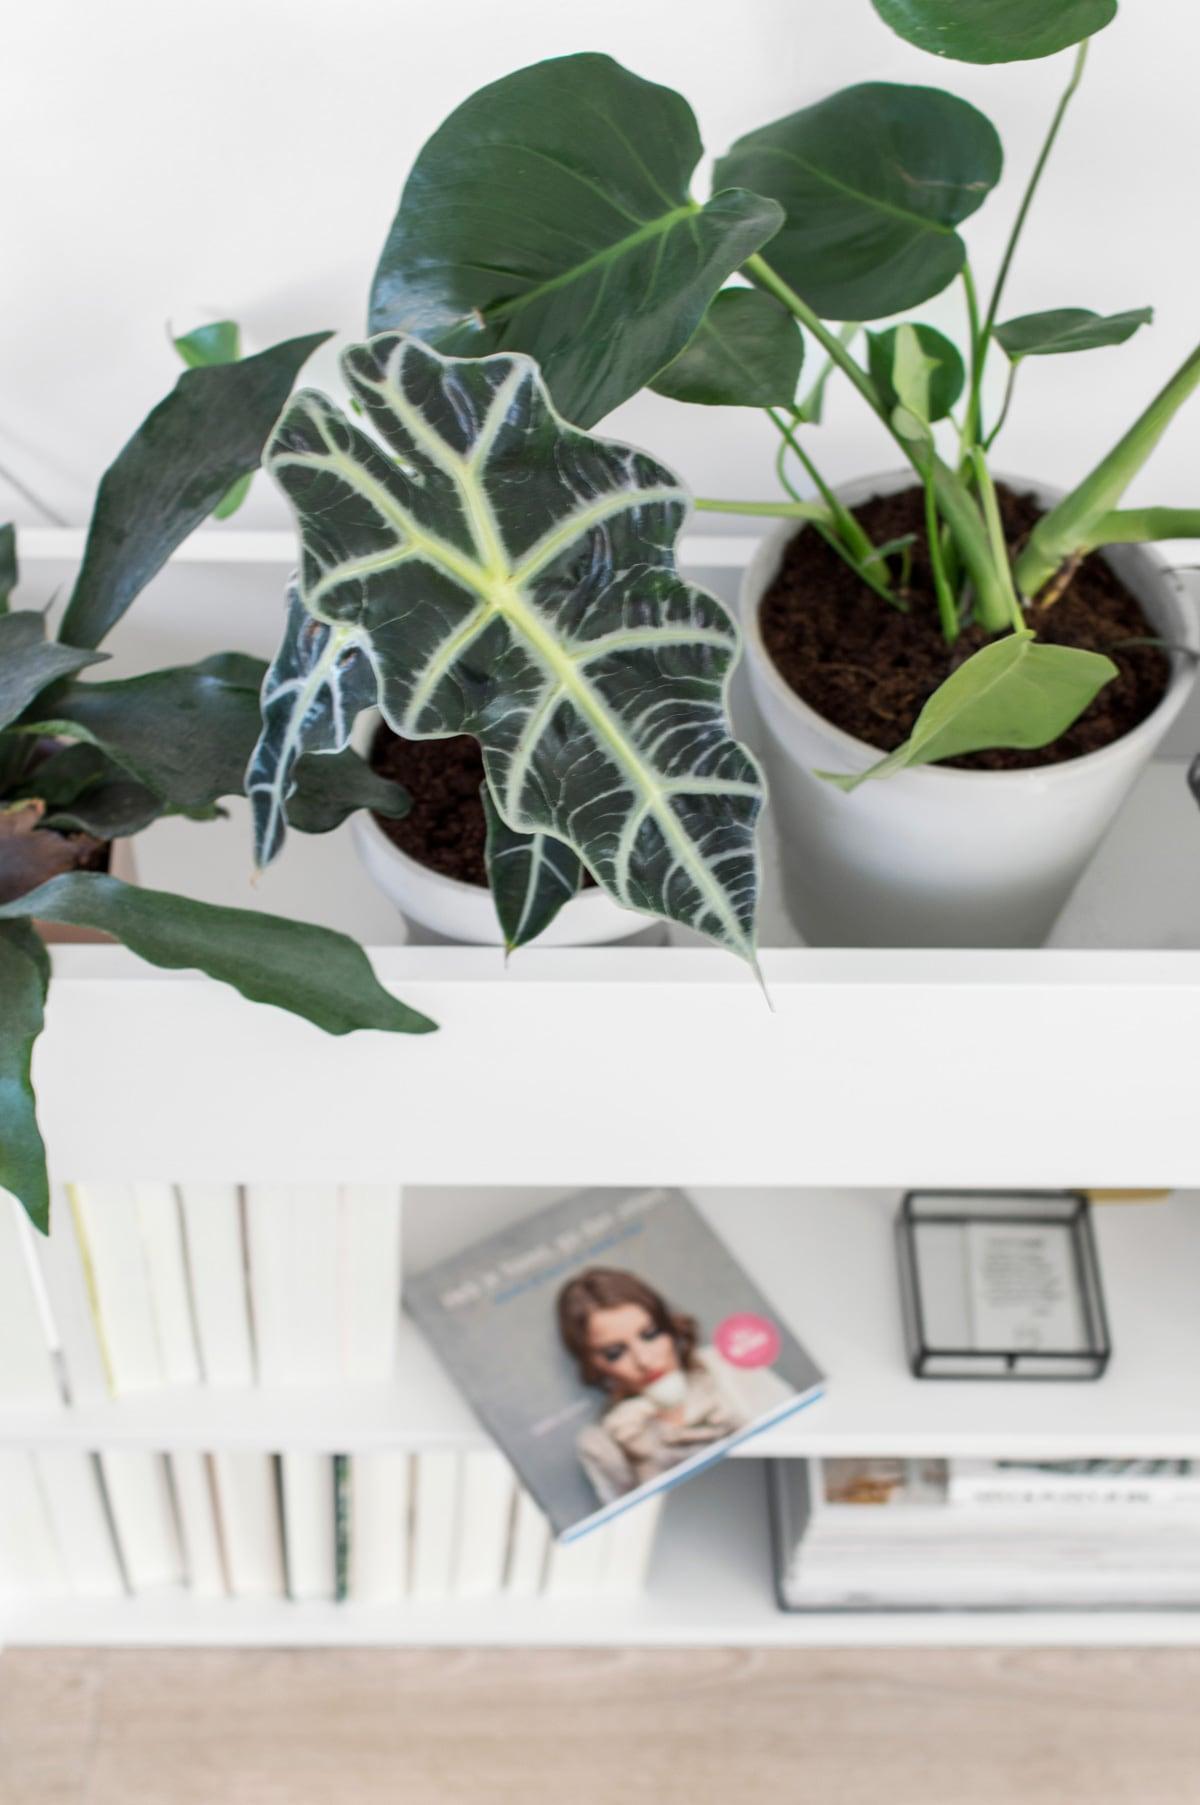 BILLY boekenkast en plantenbak in één - Tanja van Hoogdalem